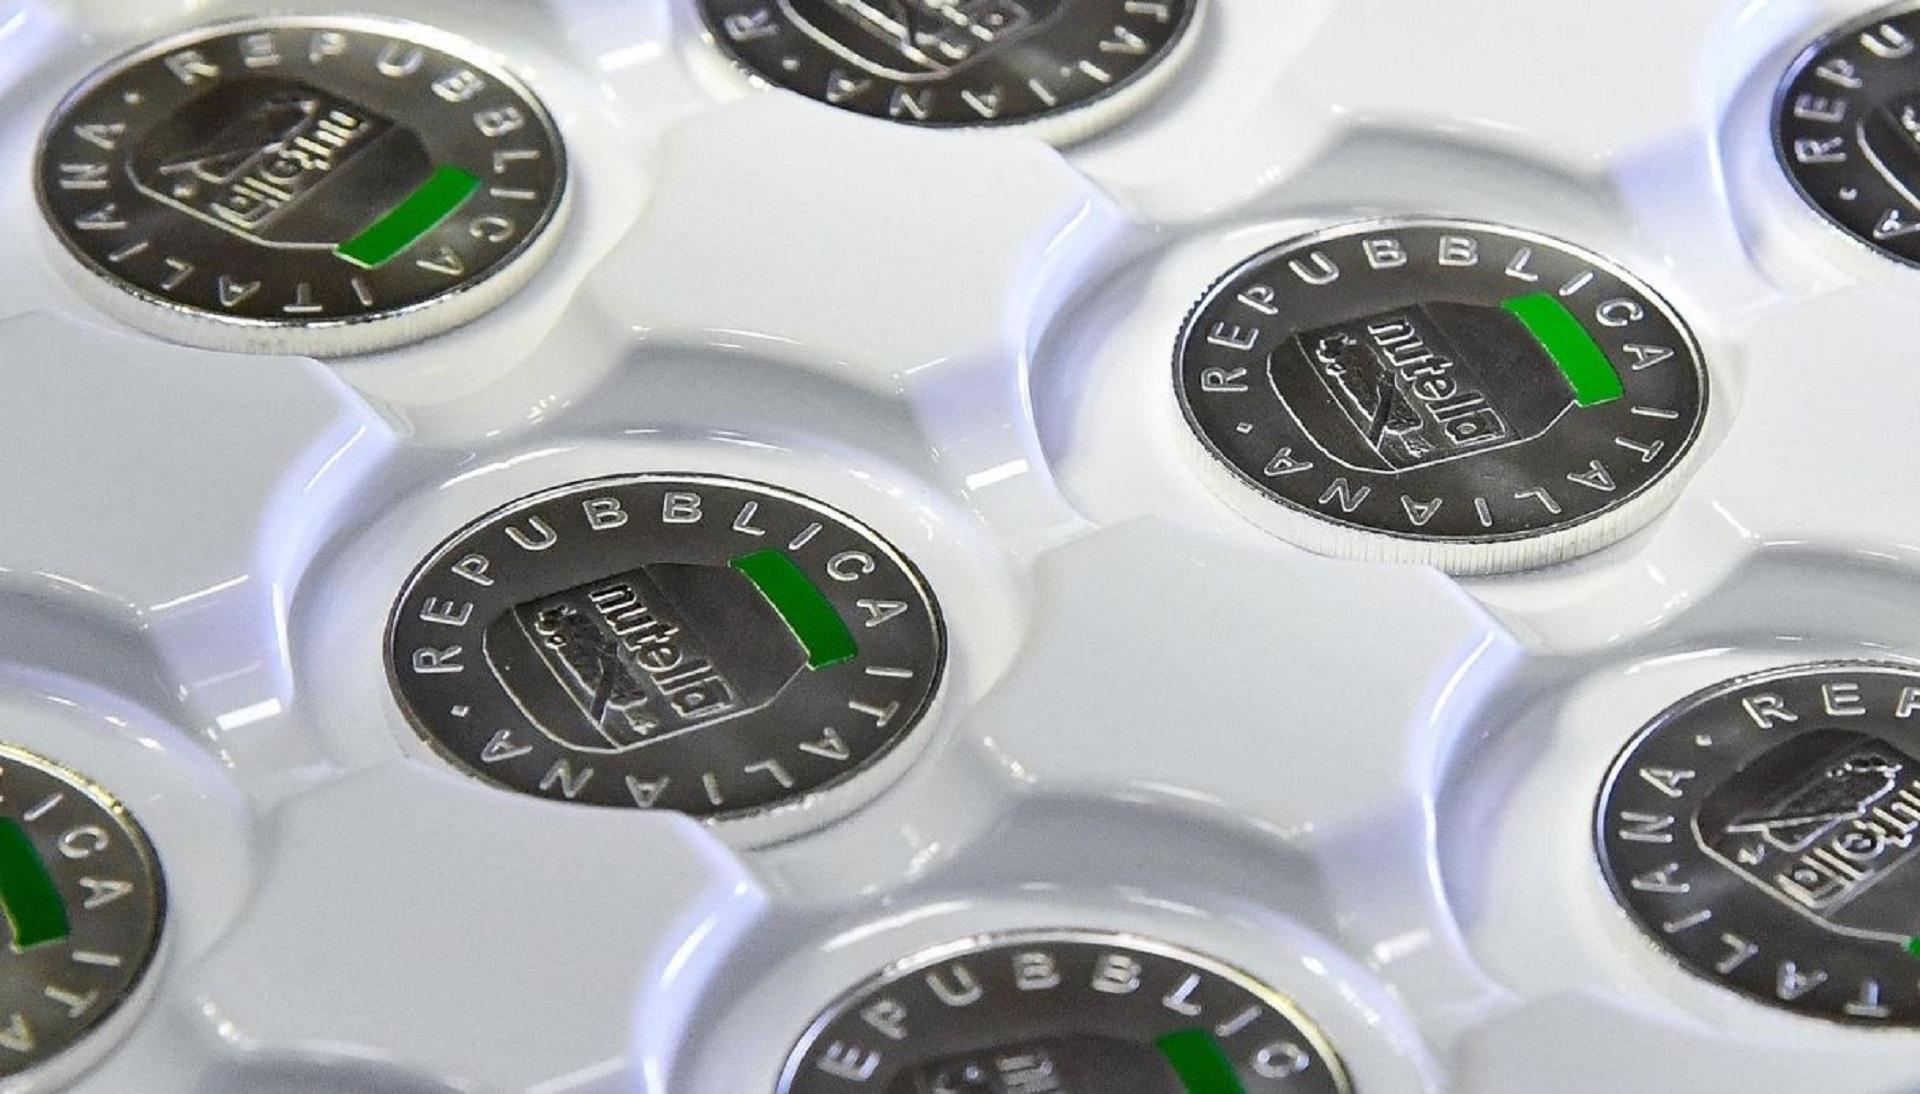 Nasce la Nutella d'argento, la Zecca dello Stato omaggia la crema spalmabile con una moneta da 5 euro